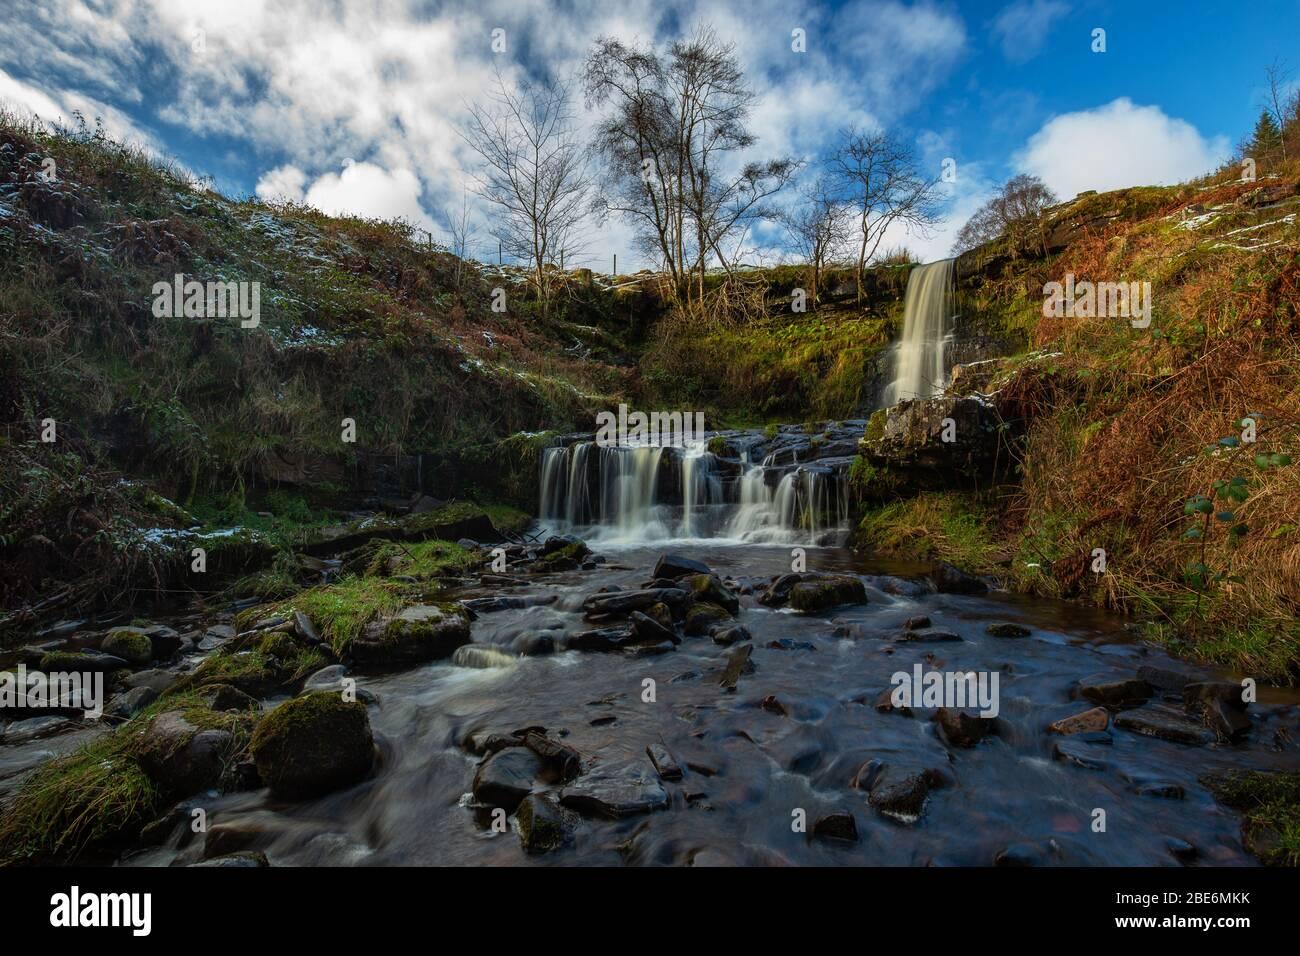 Wasserfall in Blaen Y Glyn' auf Nant Bwrefwr, Nr Talybont, Wales Stockfoto